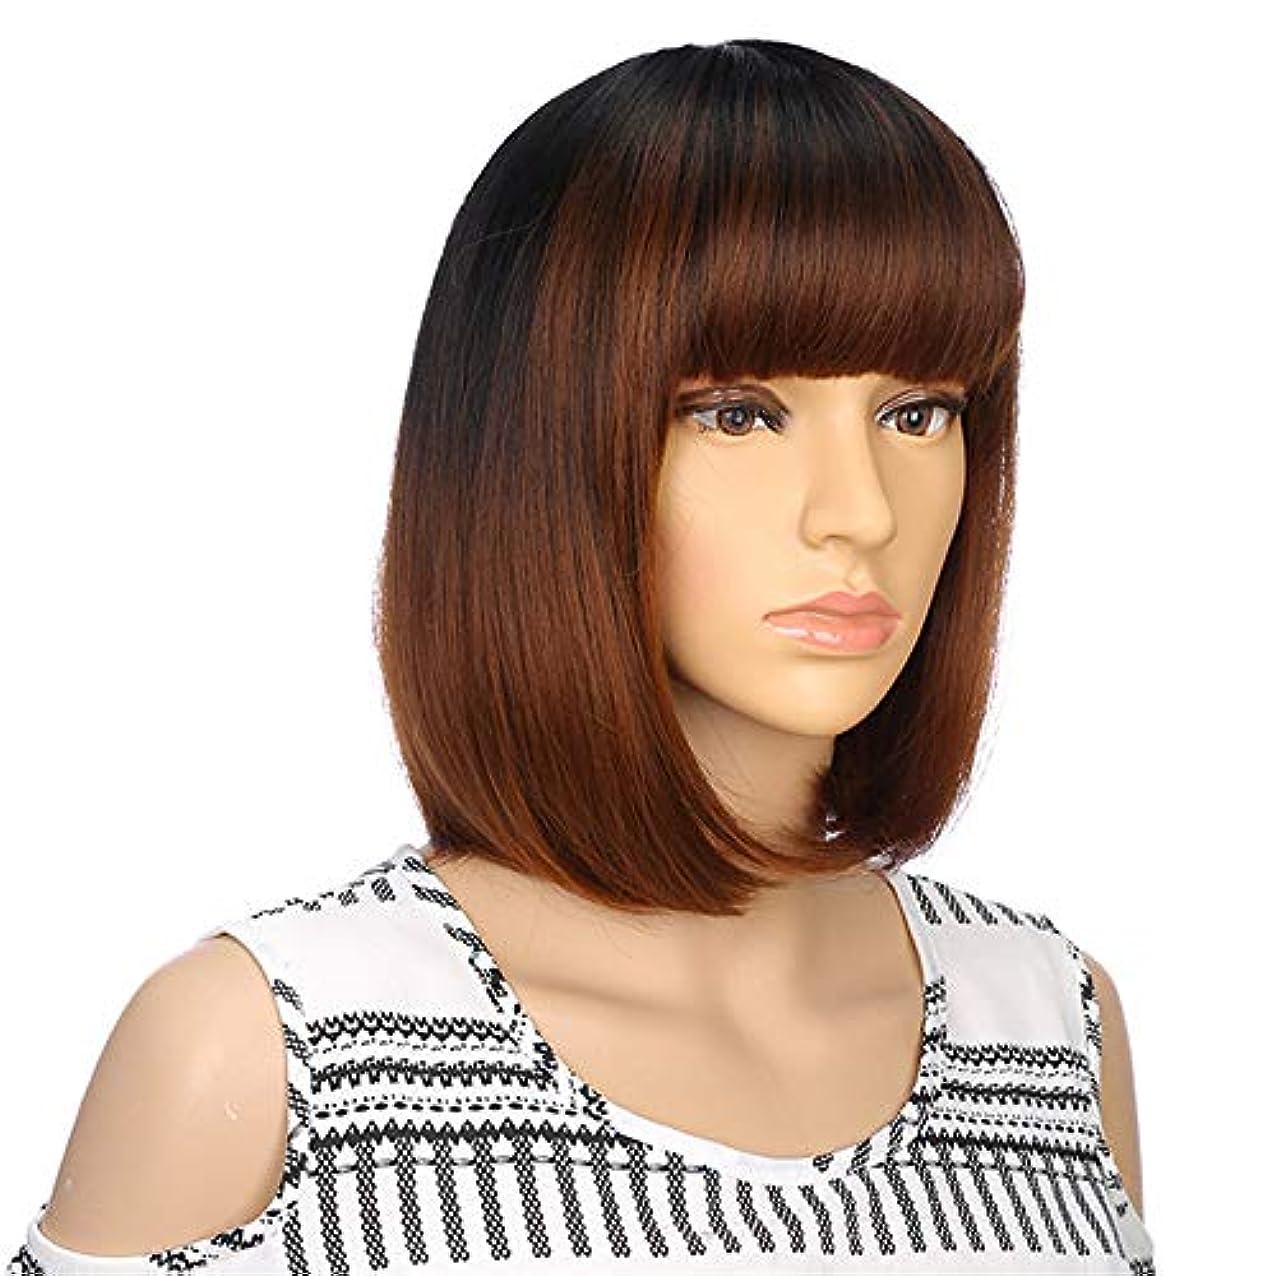 人種取り出すに向かってヘアエクステンション合成ブラウンストレートウィッグ女性用前髪長ボブヘアウィッグ耐熱ヘアスタイルコスプレウィッグ13インチ